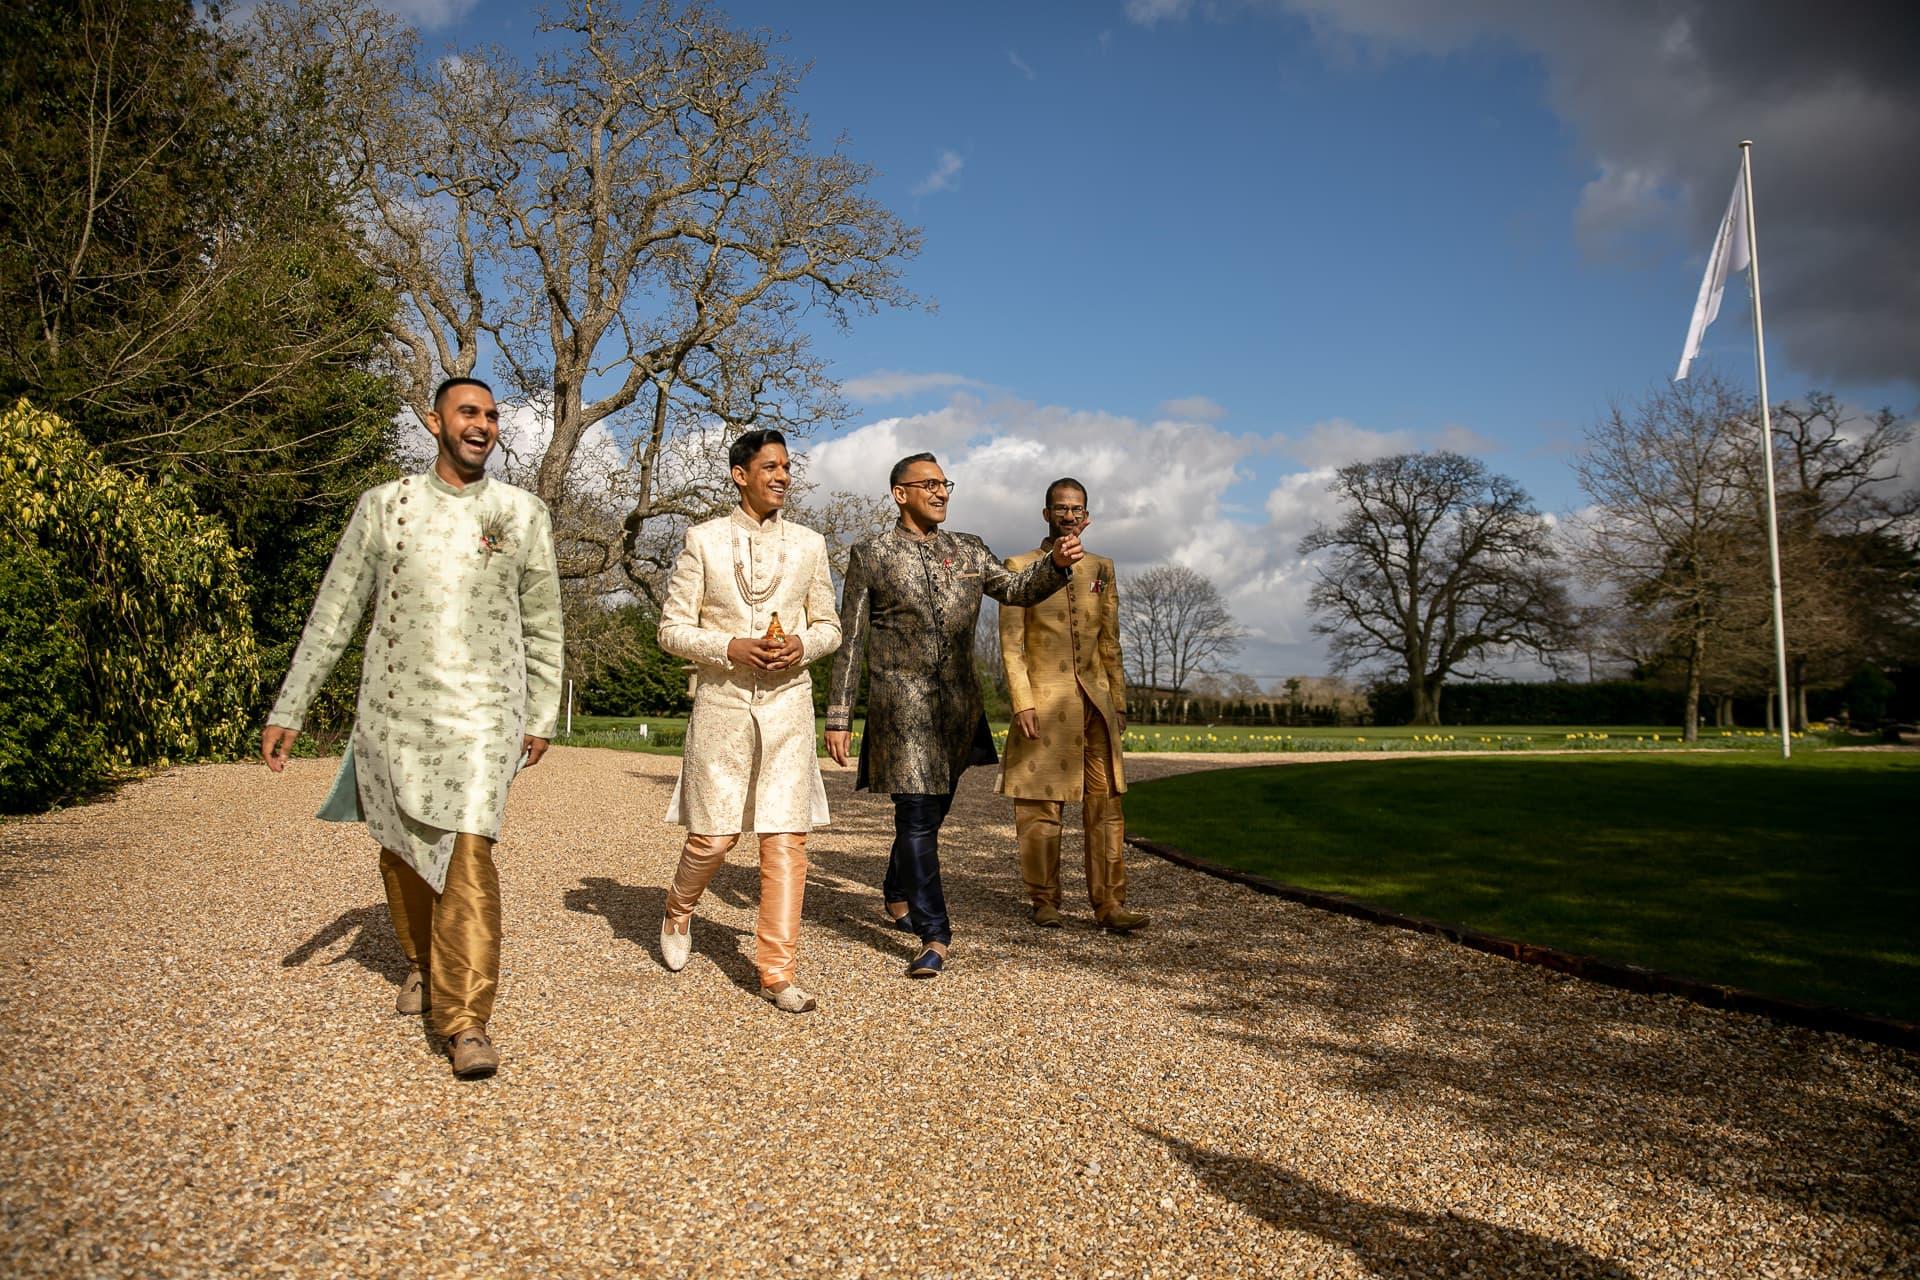 Groom arriving for wedding with best men